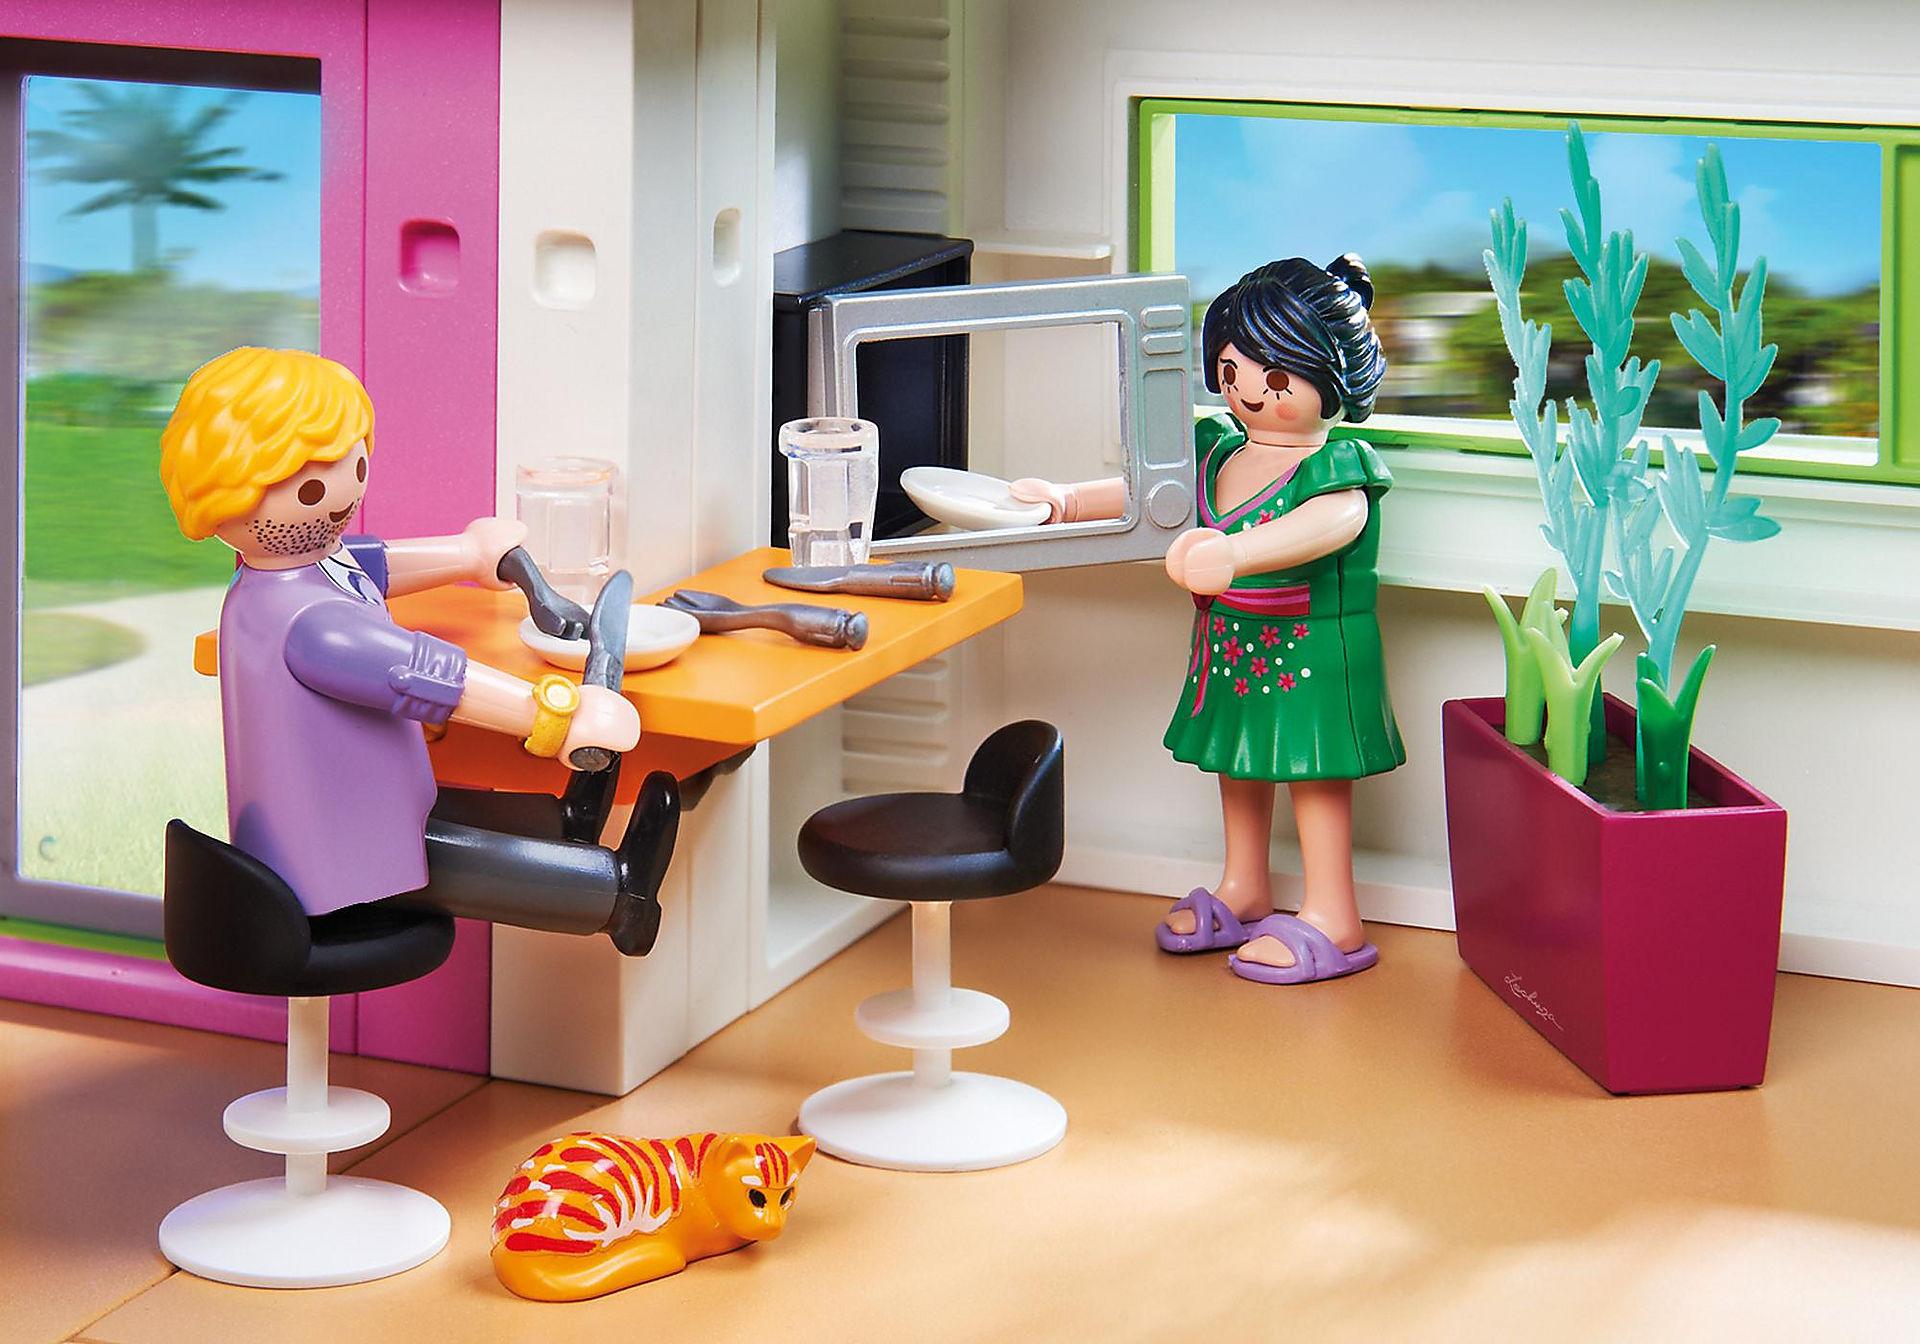 http://media.playmobil.com/i/playmobil/5586_product_extra2/Depandance per gli ospit-ITi